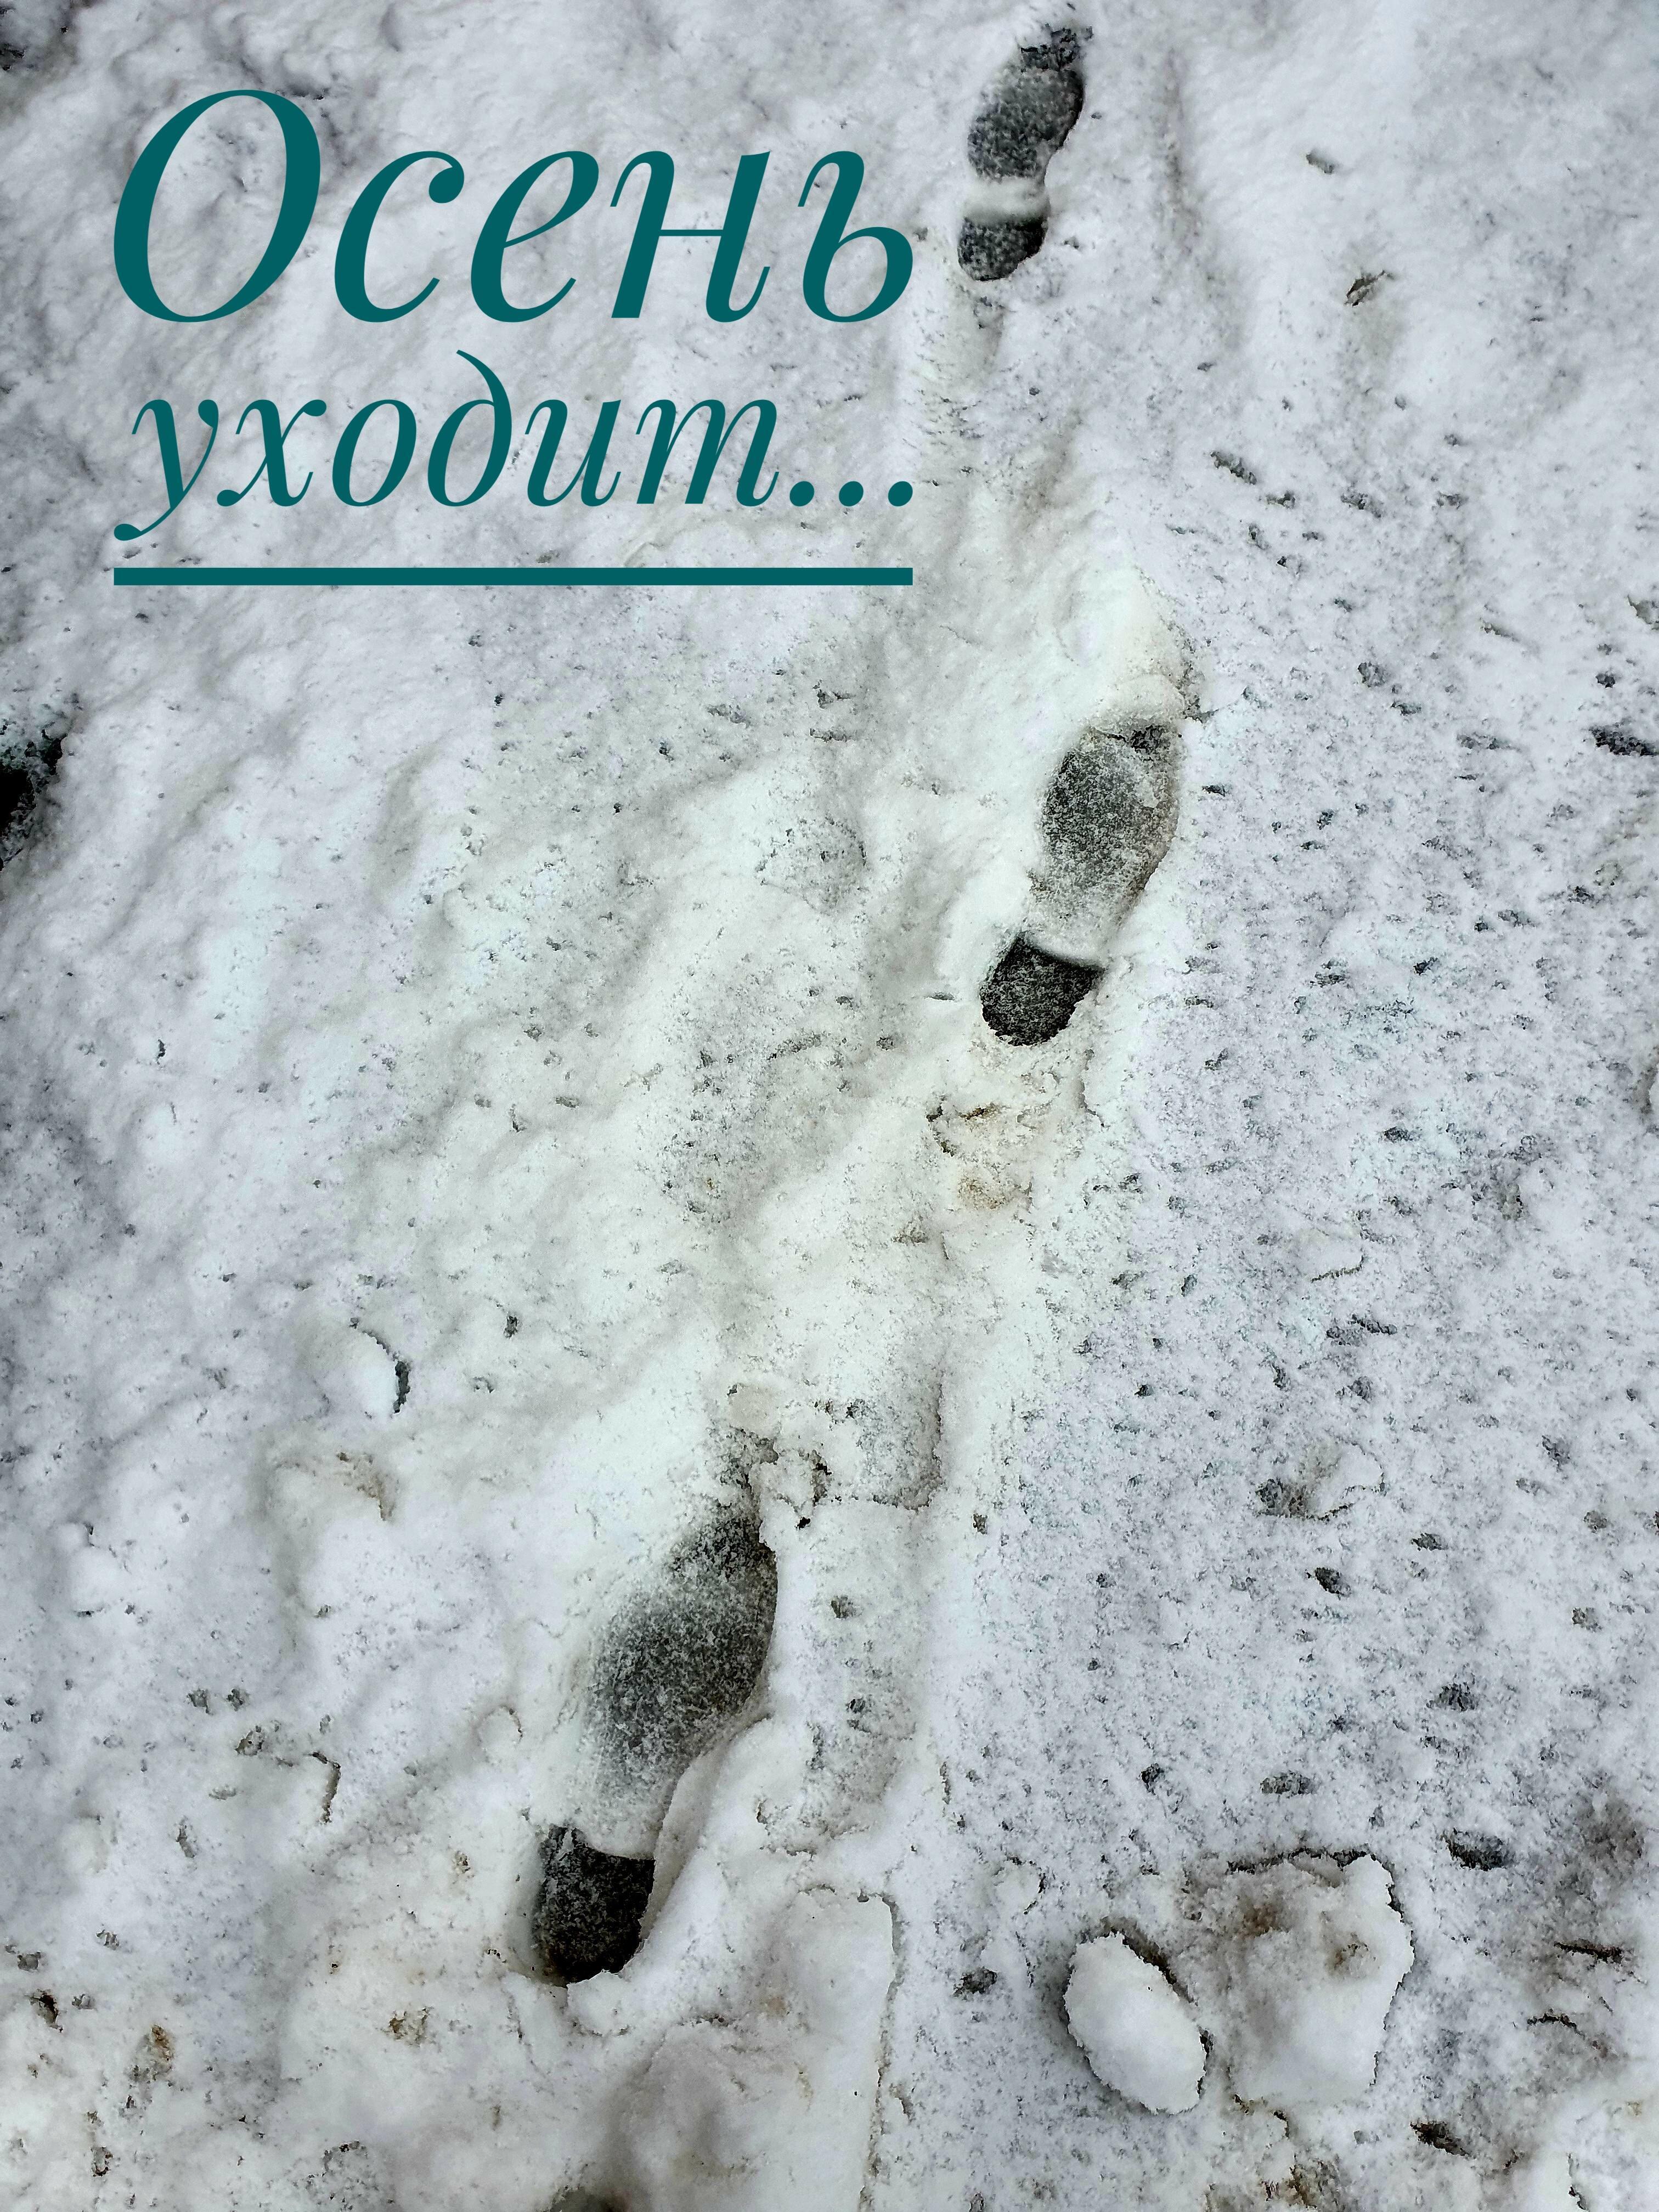 ...оставляя следы на снегу